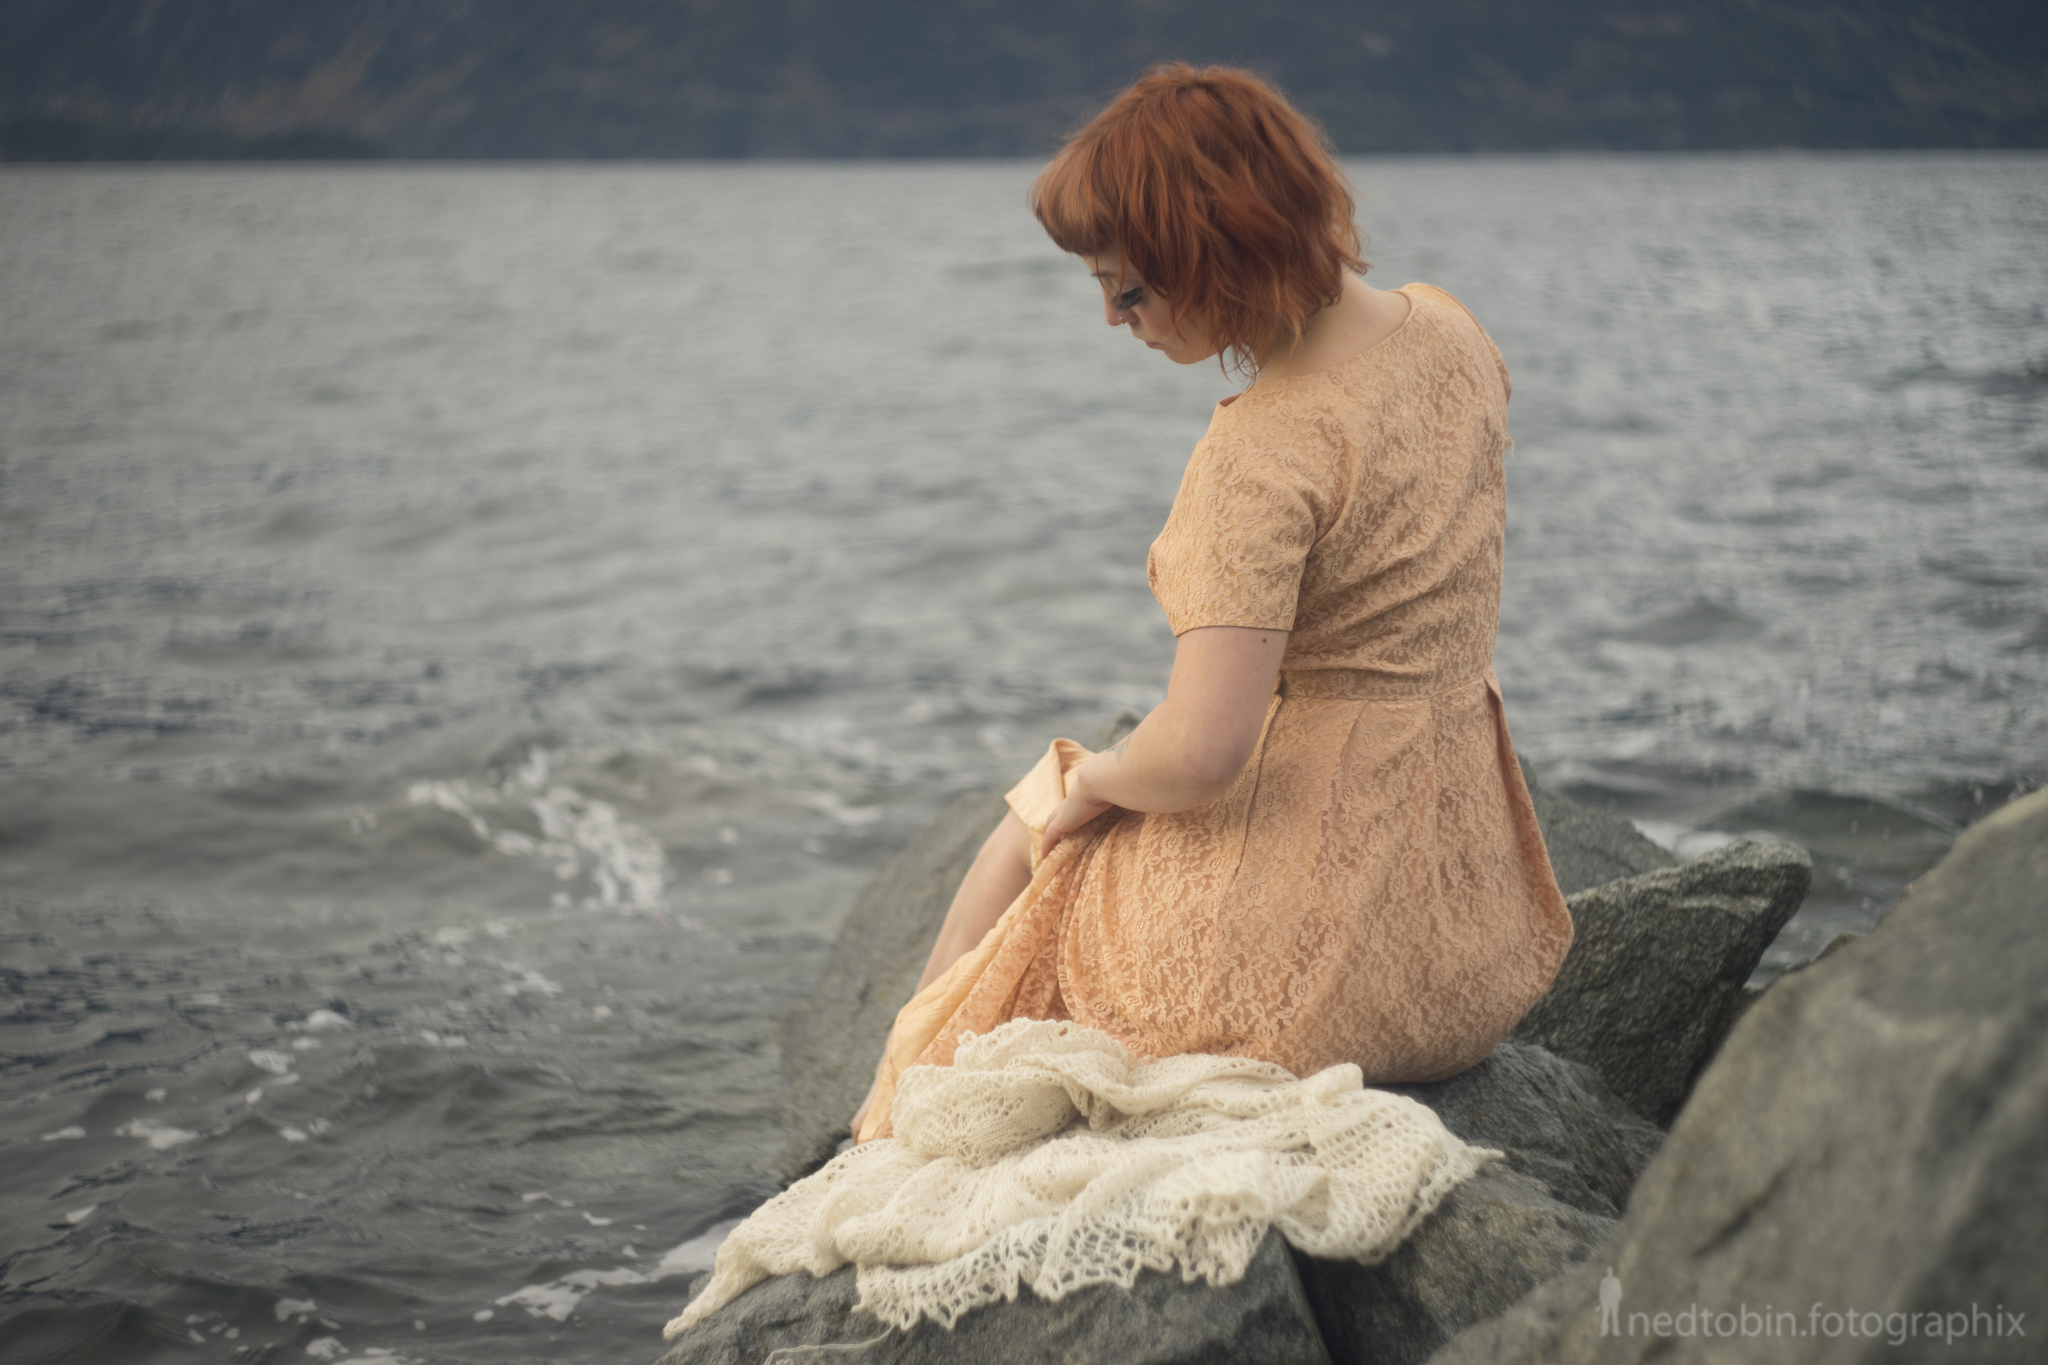 Bunny Sumthin - deneot foto - melancholic ocean